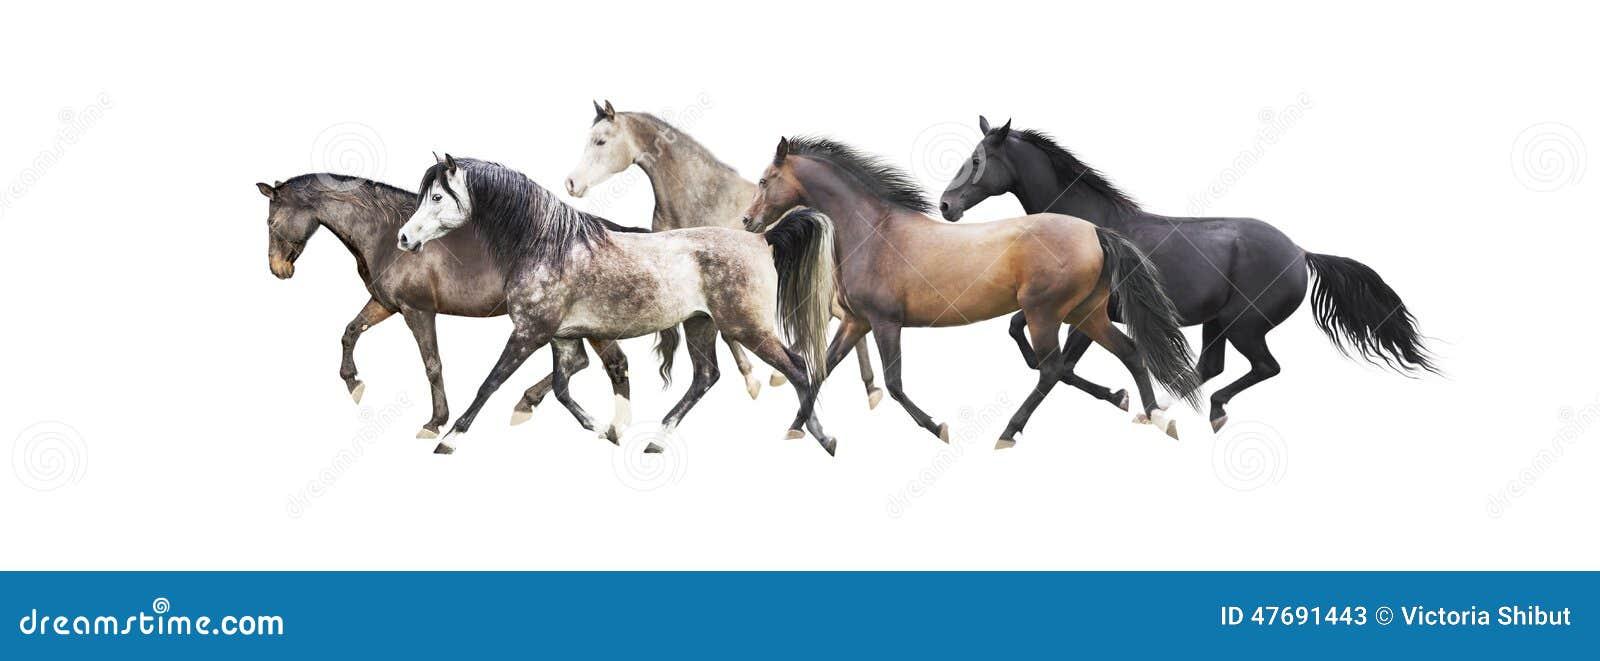 Manada de los caballos que corren, aislada en blanco